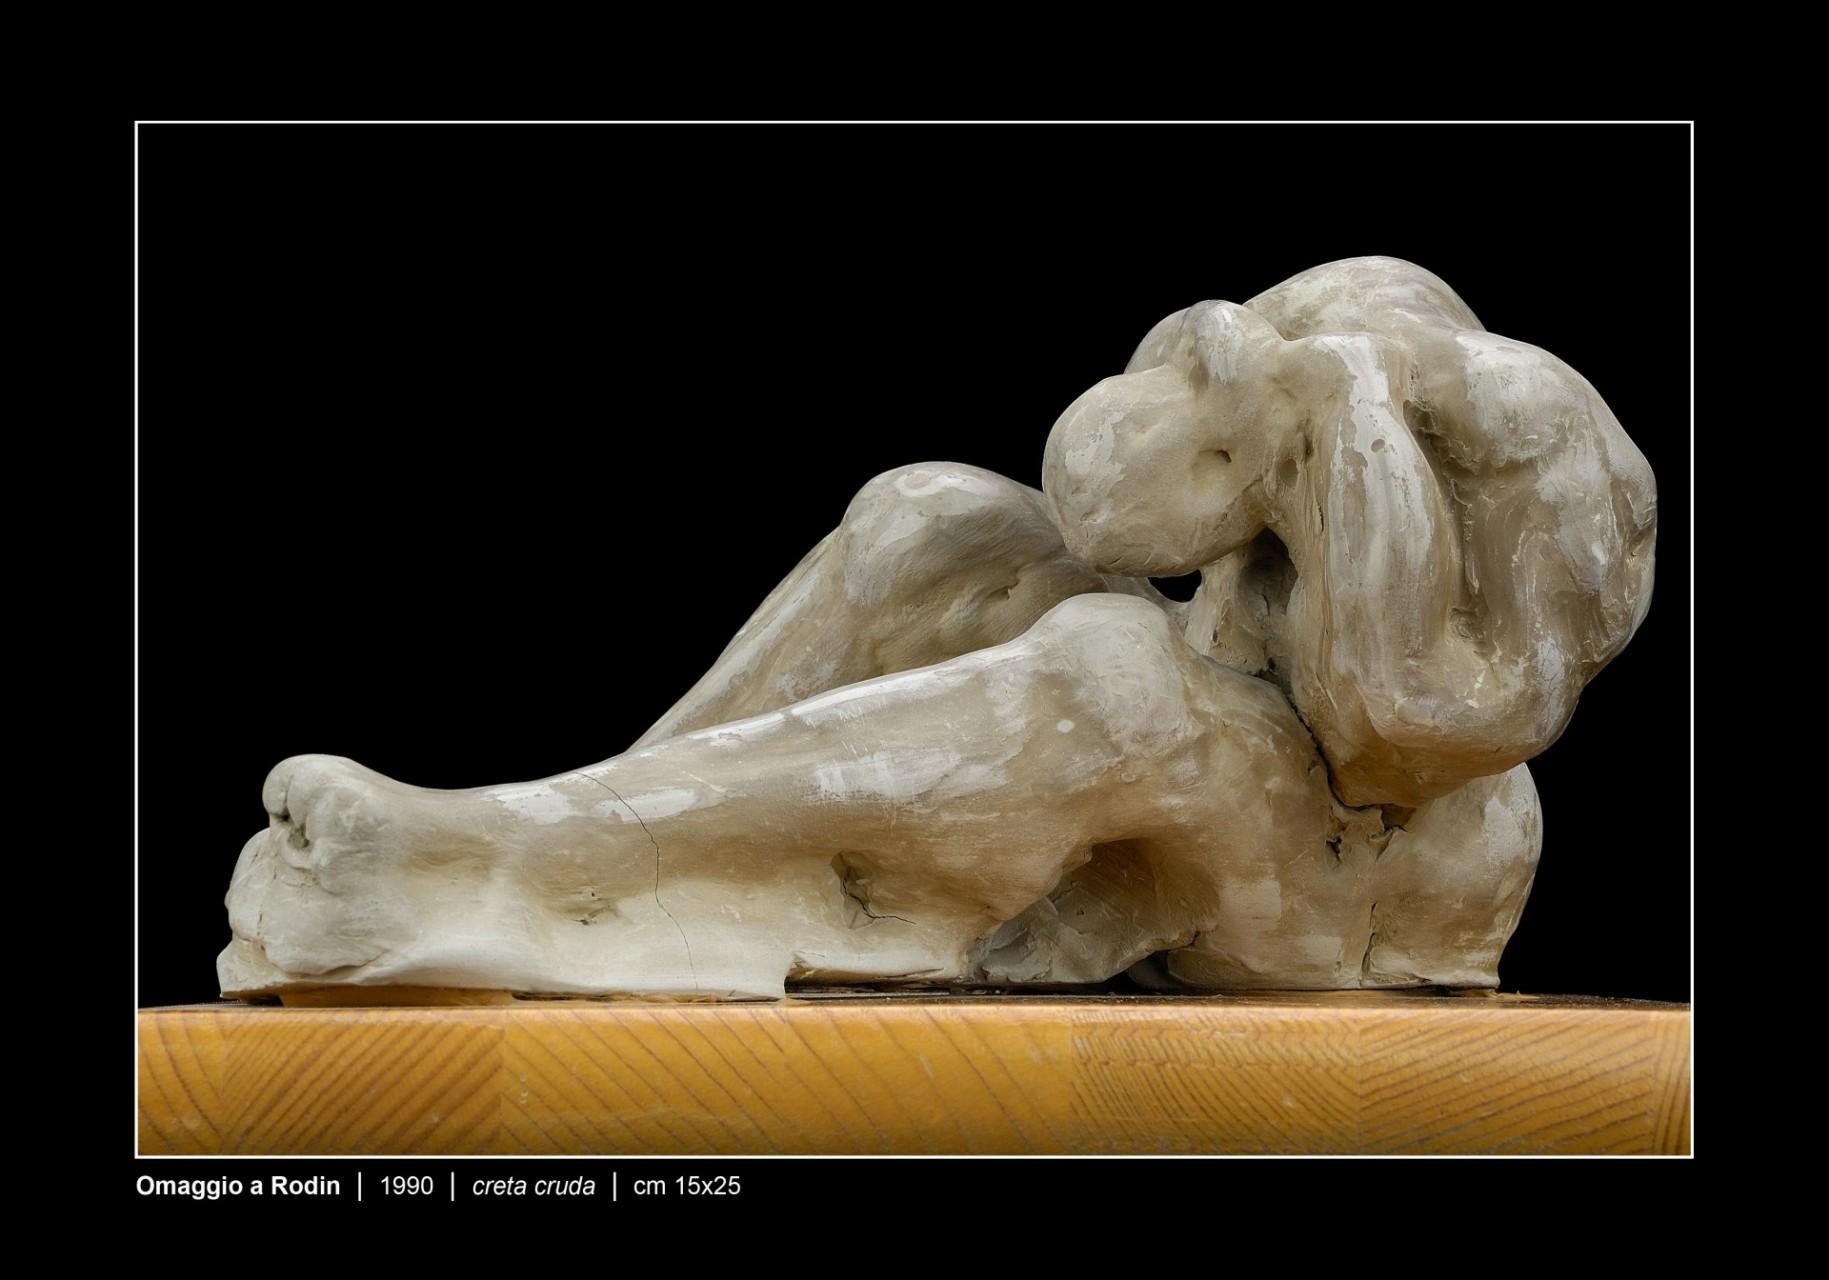 Omaggio a Rodin